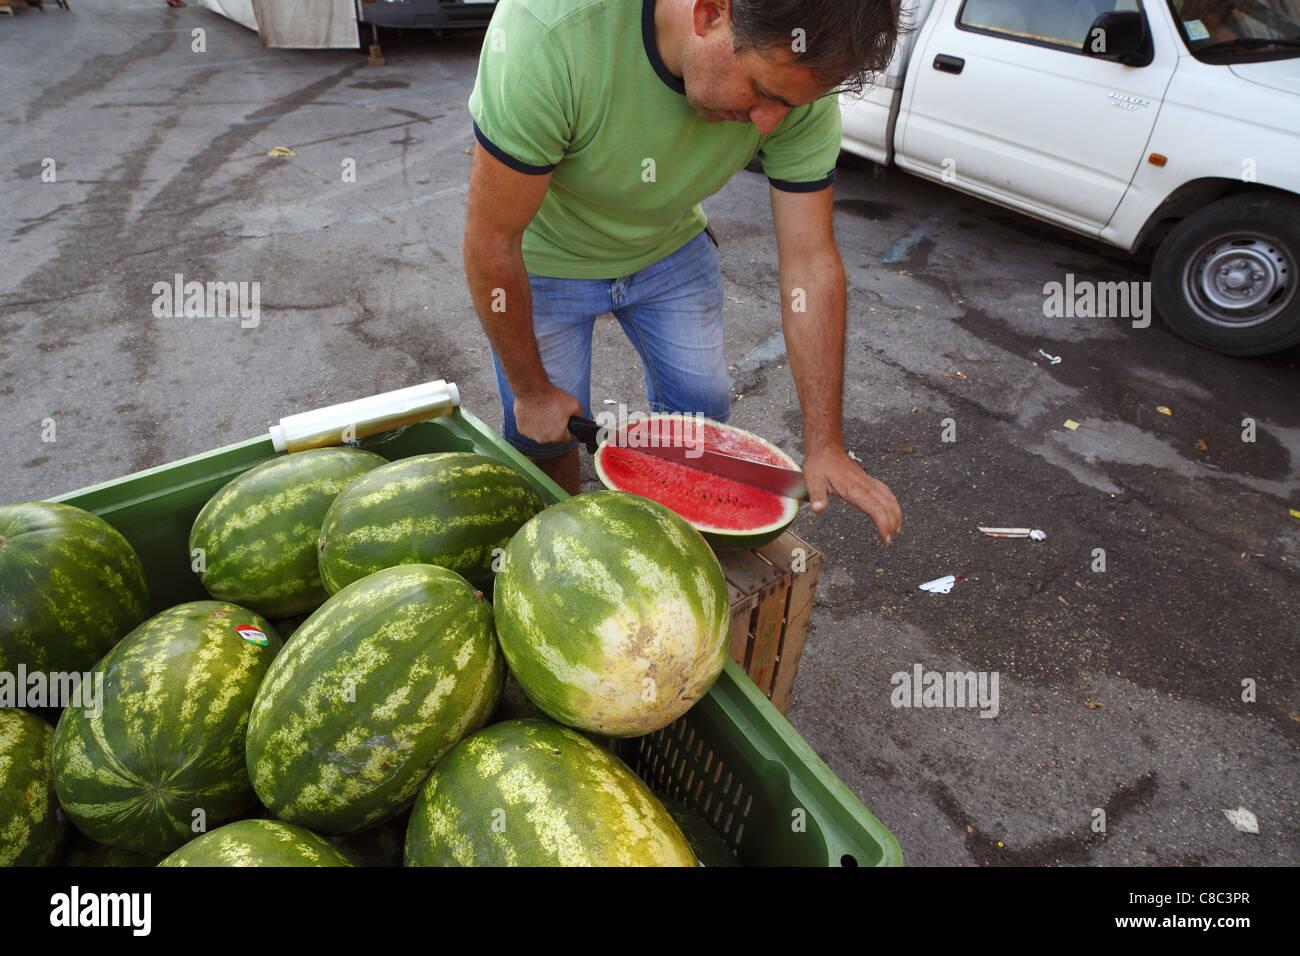 Un vendeur de fruits au melon d'eau prépare au marché de rue à Orvieto, Italie. Photo Stock